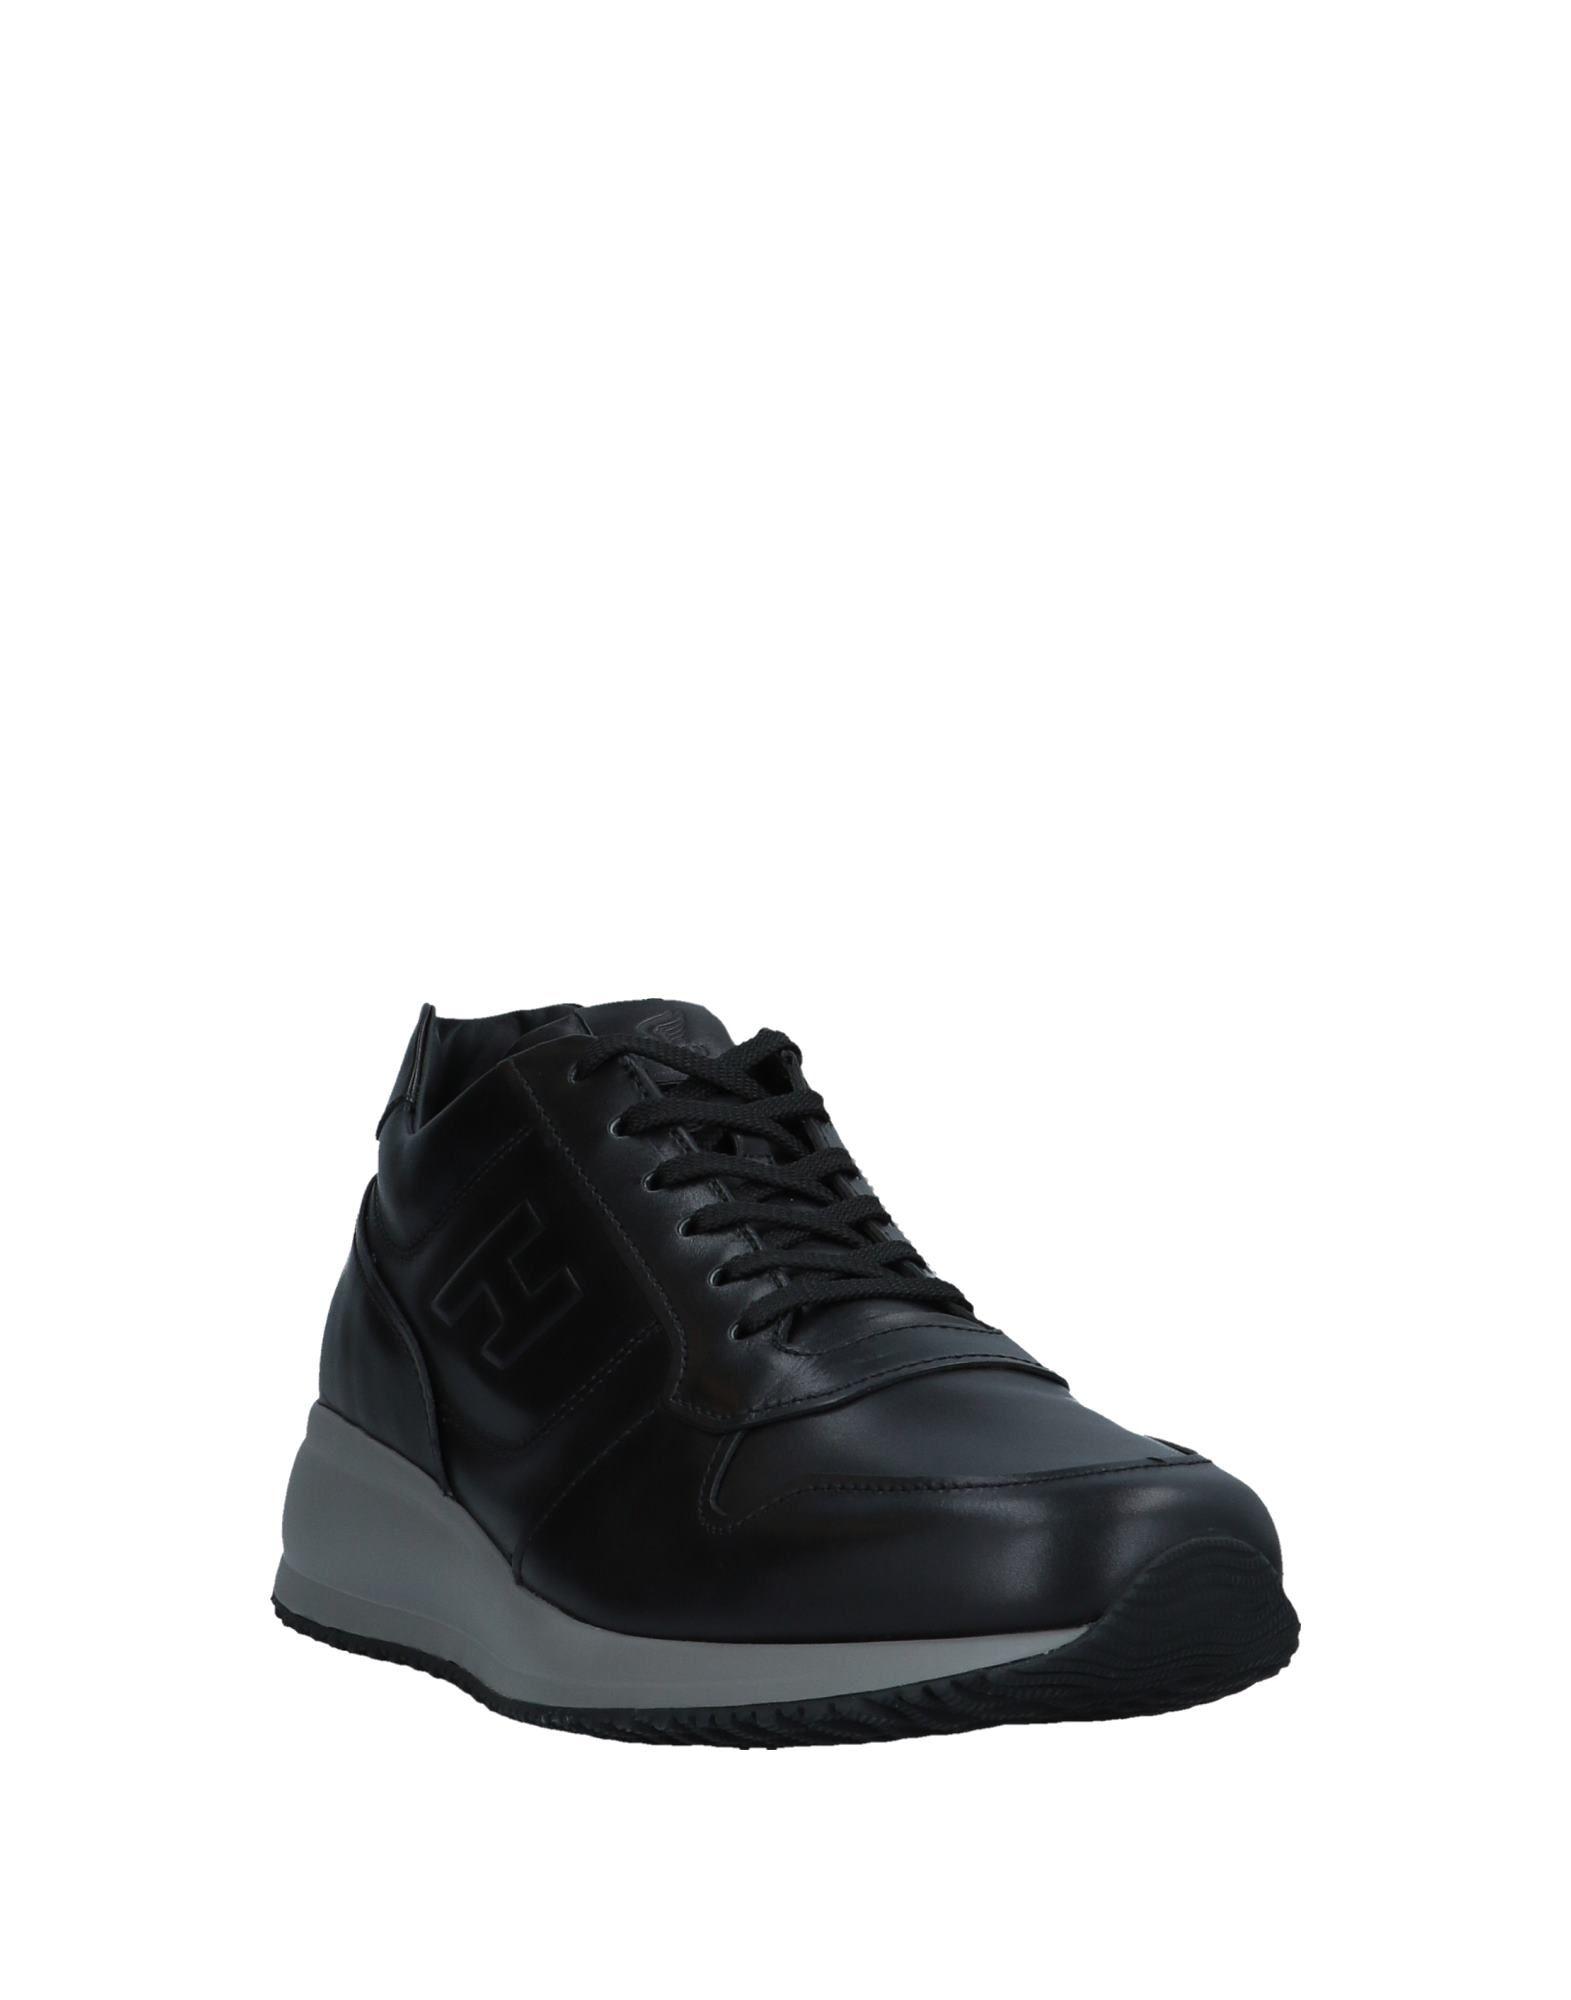 Hogan Sneakers Herren Herren Sneakers  11541043UP Gute Qualität beliebte Schuhe 5e0476